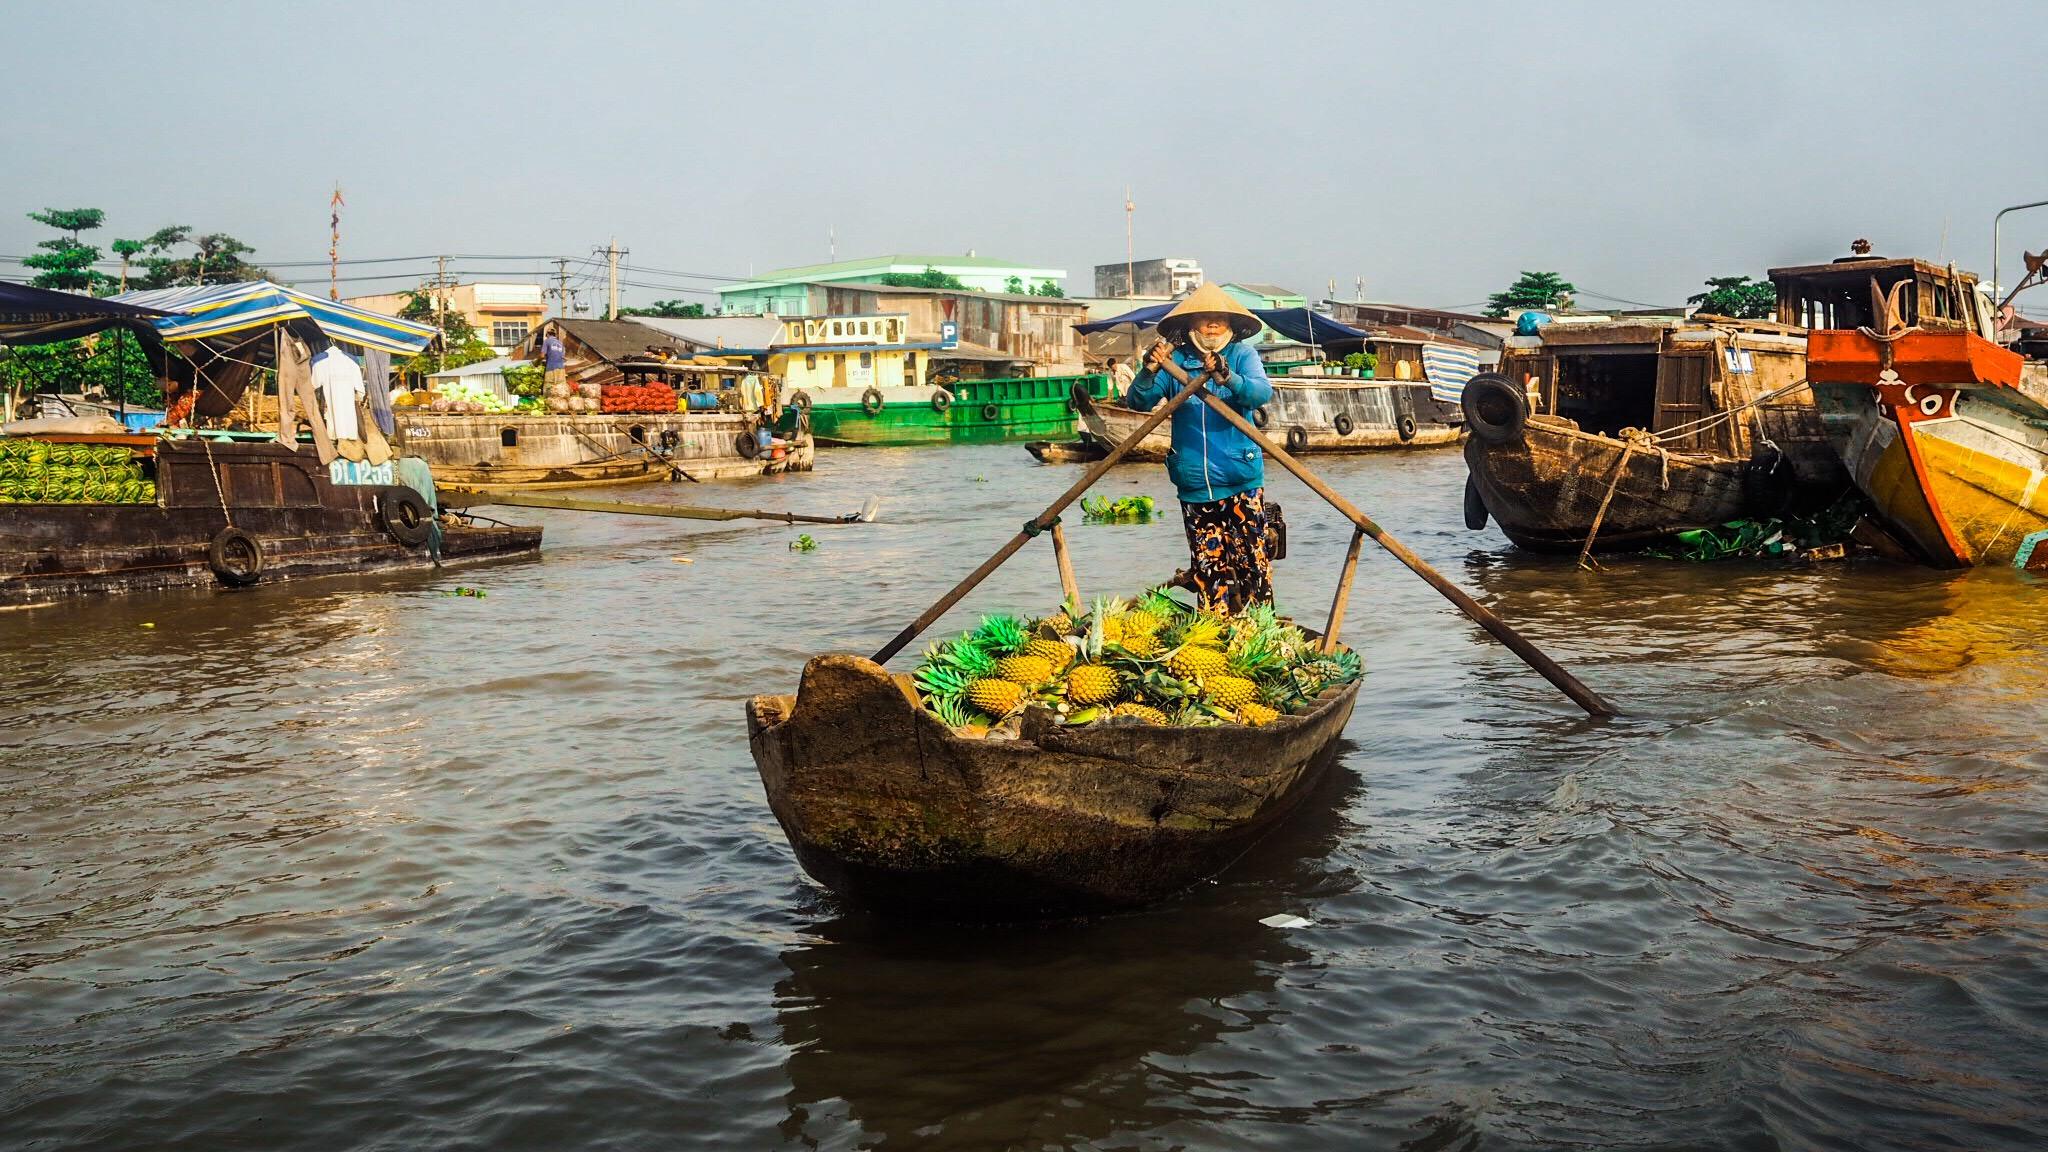 Cai Rang et historisk flytende market i Vietnam!